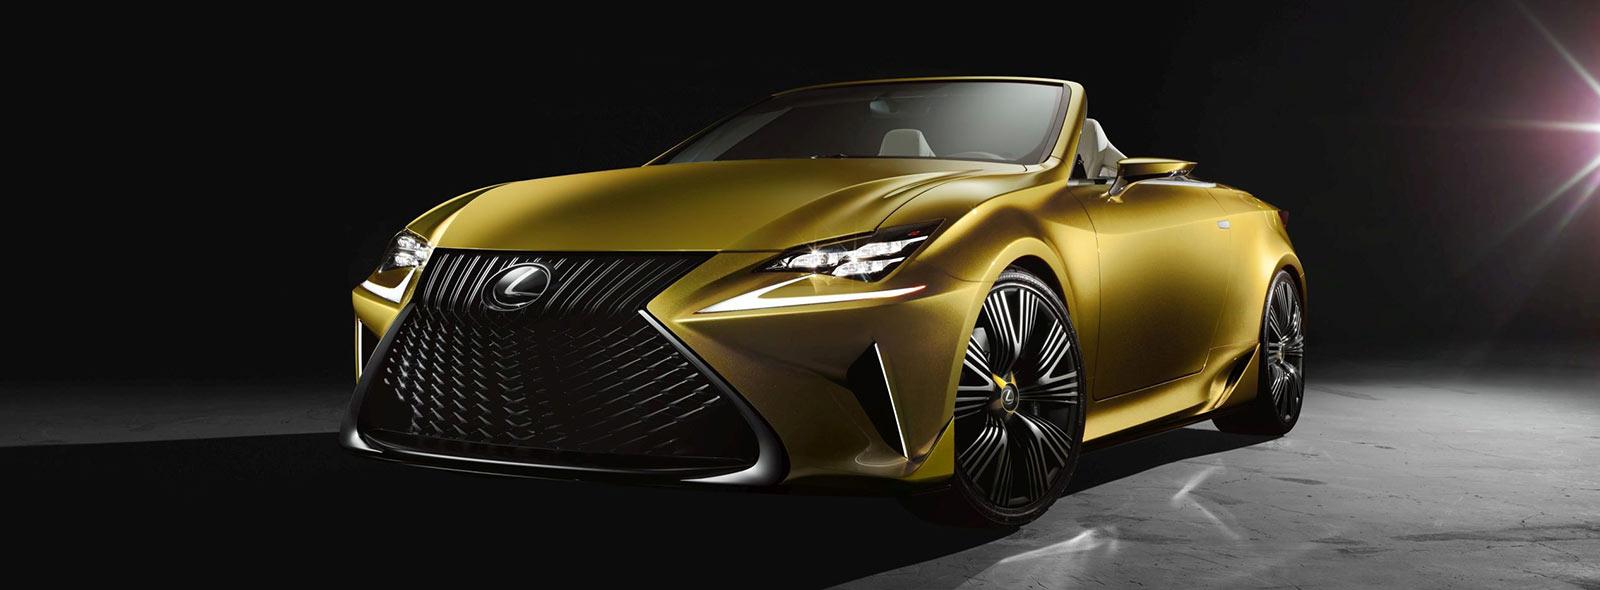 Vista diagonale frontale del concept Lexus LF C2 giallo ocra